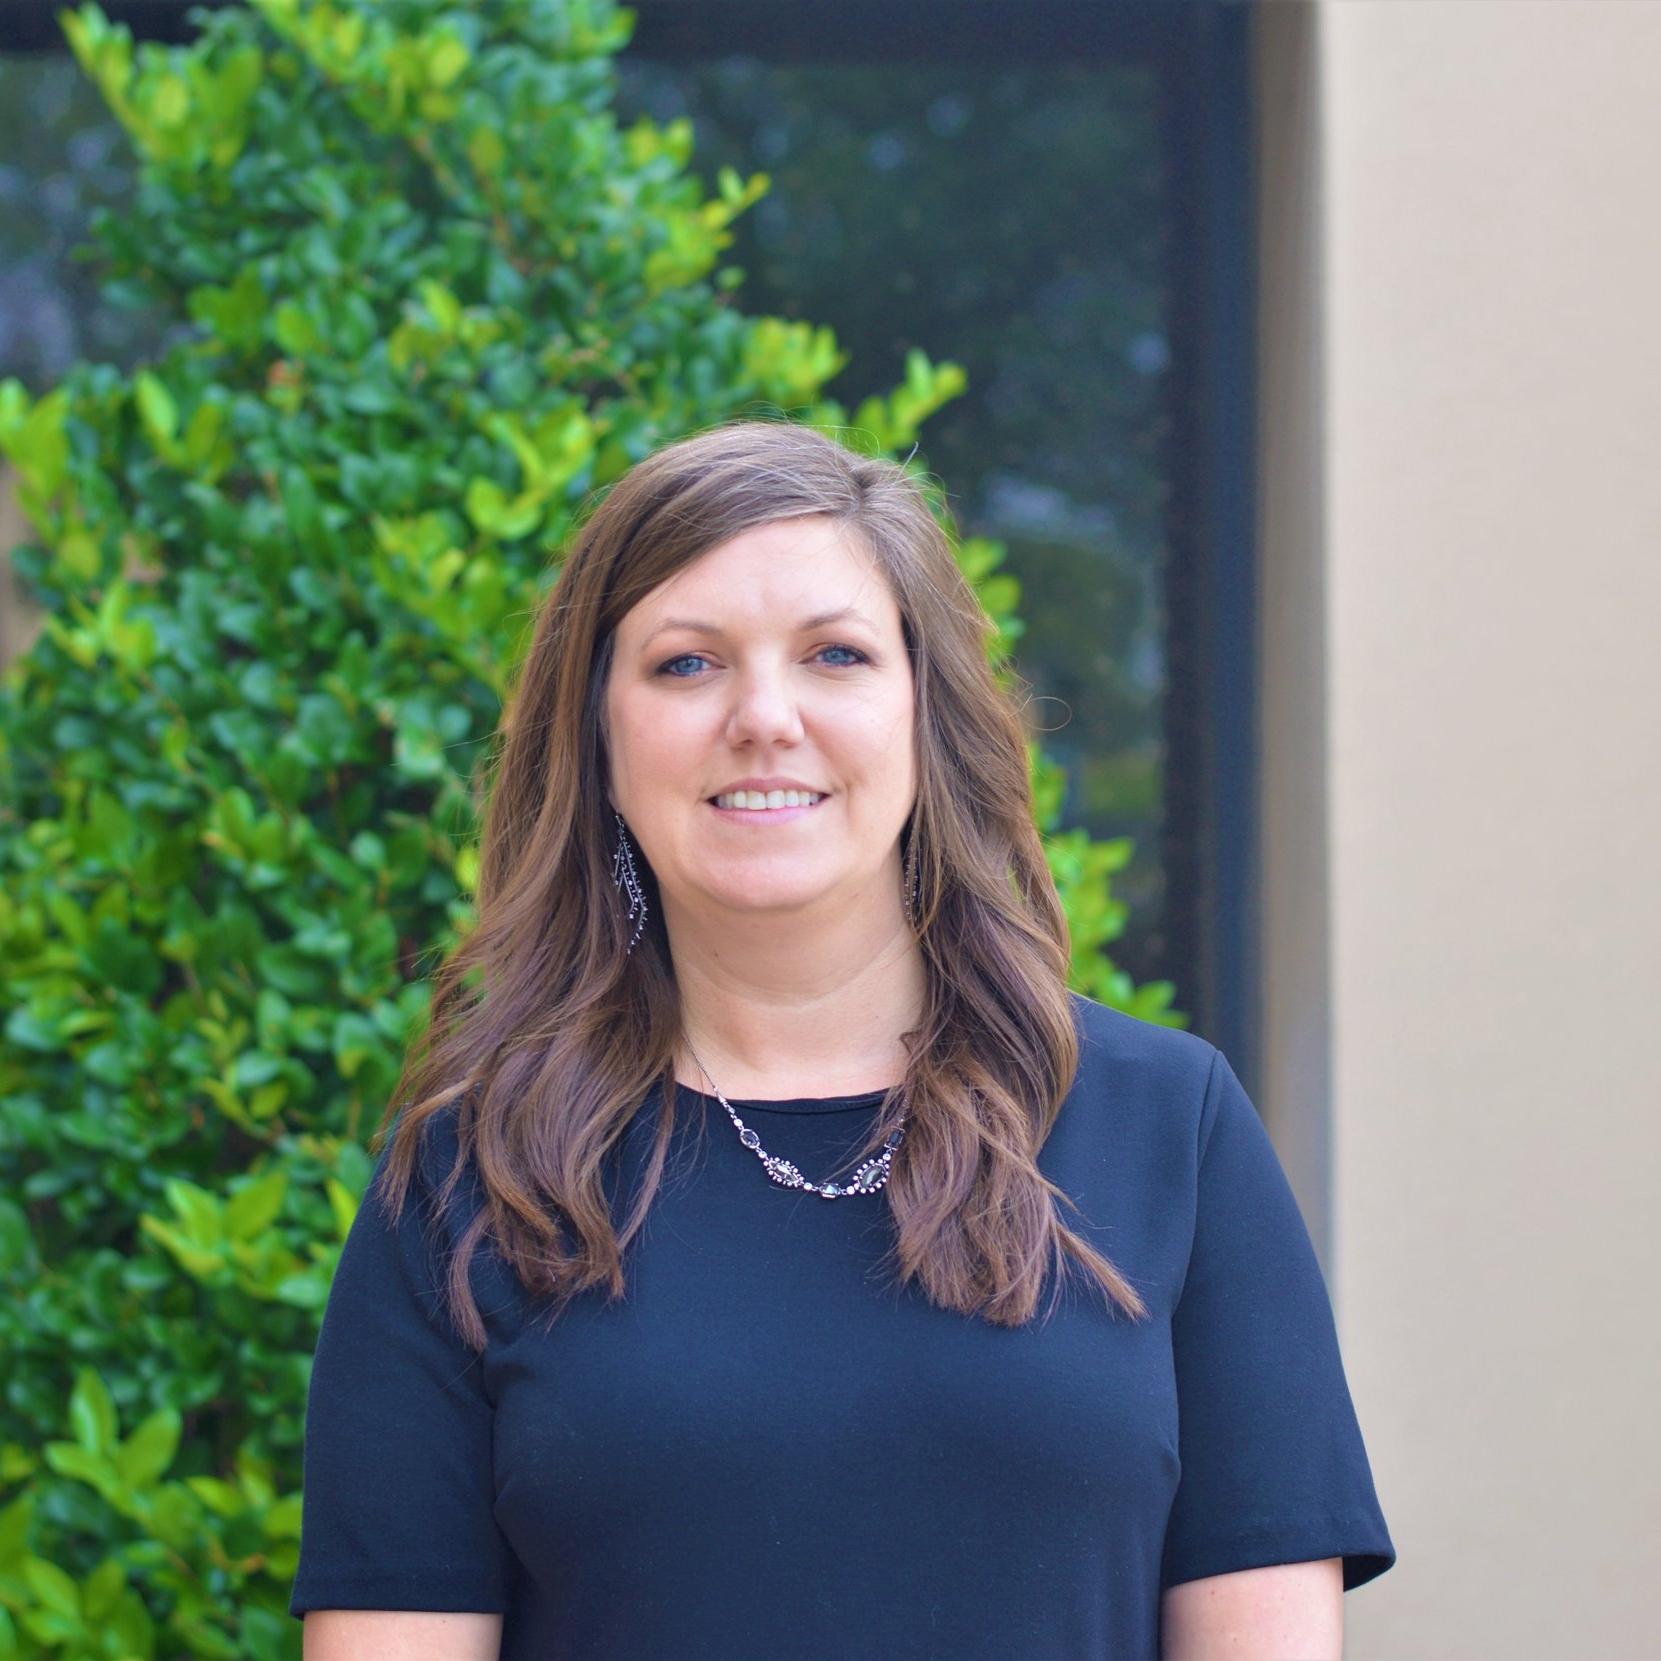 Lauren Fox - Assistant Director of Catering